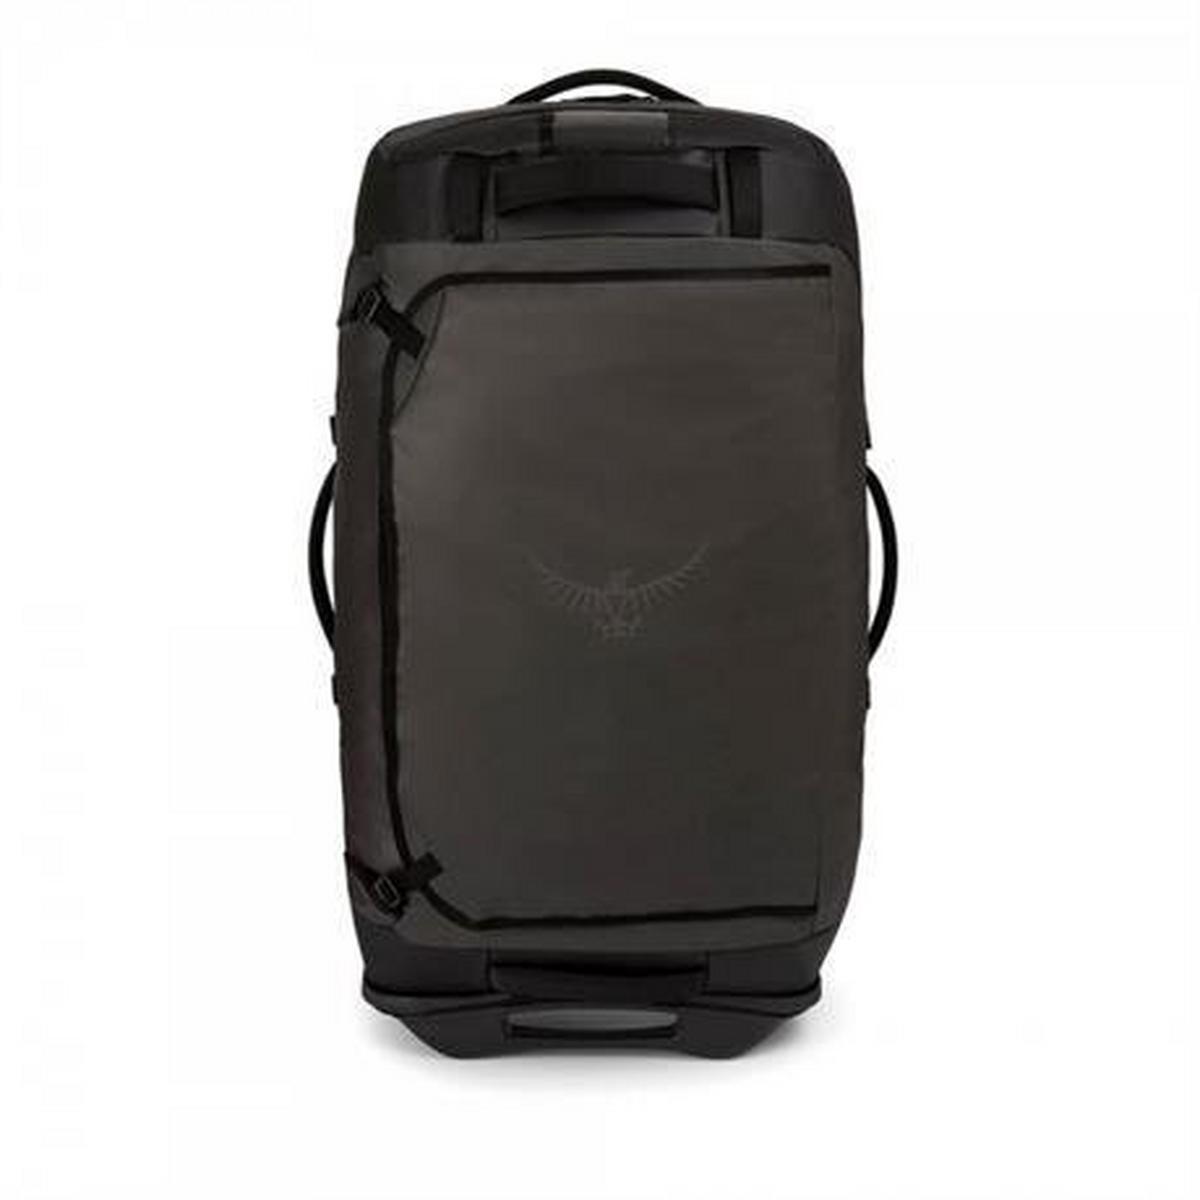 Osprey Travel Bag Rolling Transporter 90 Black